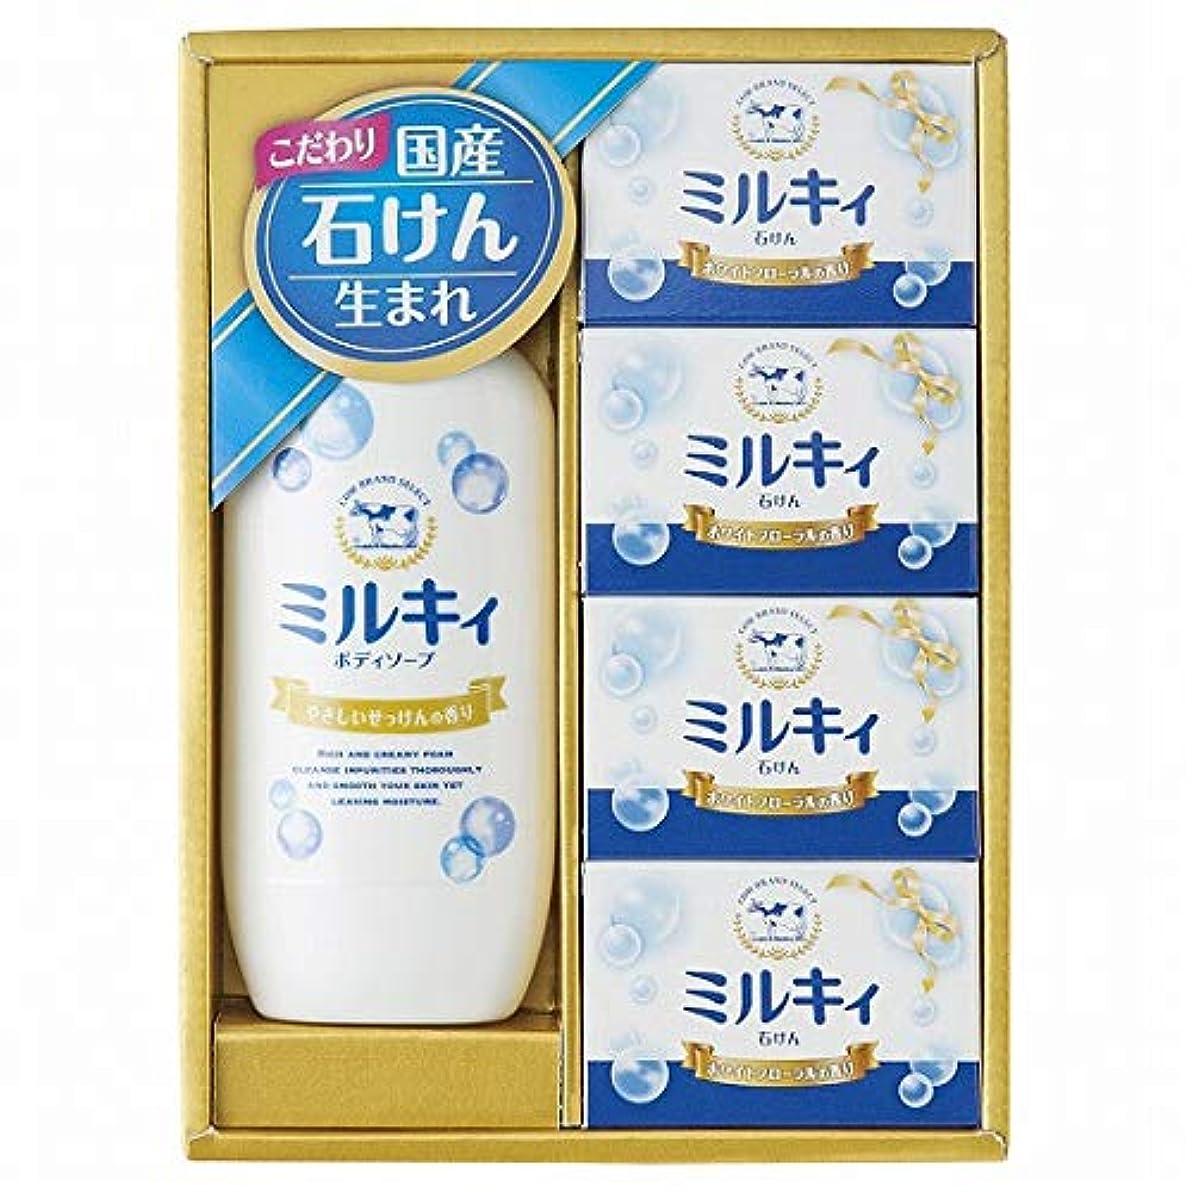 署名グローブ挨拶する牛乳石鹸 カウブランドセレクトギフトセット